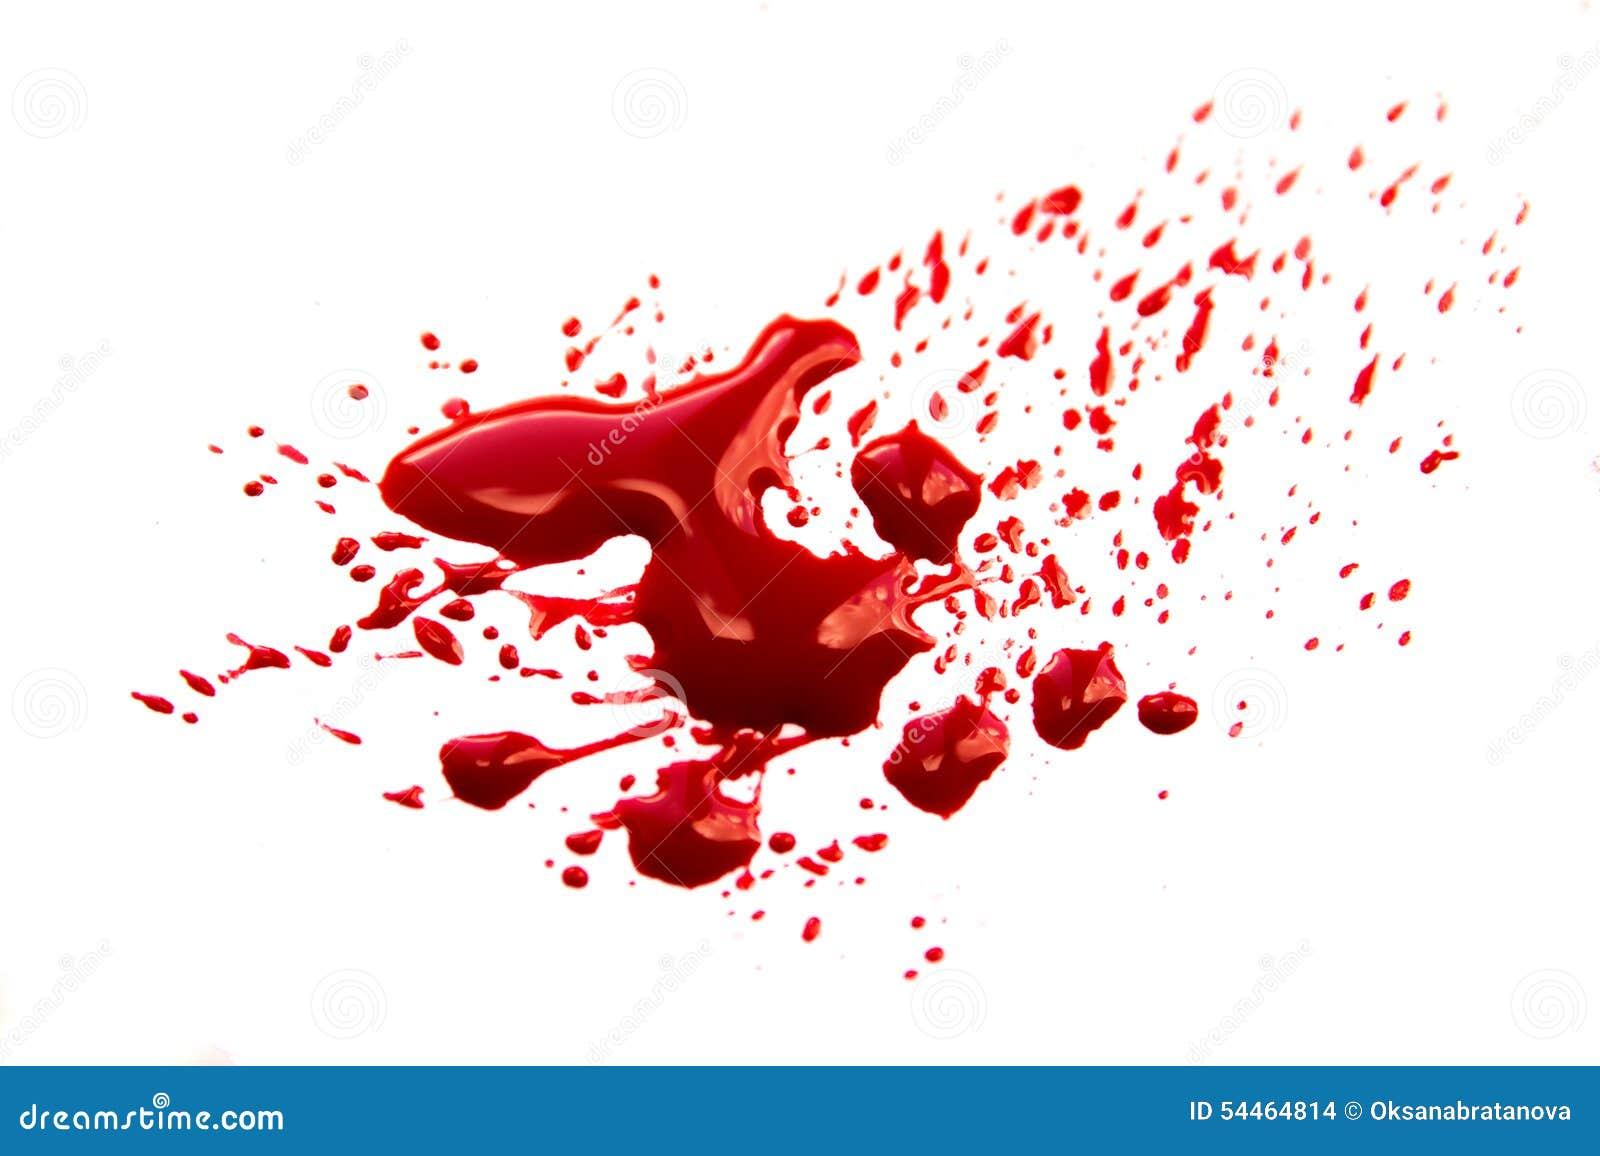 Blood splatter stock photo  Image of splattered, stain